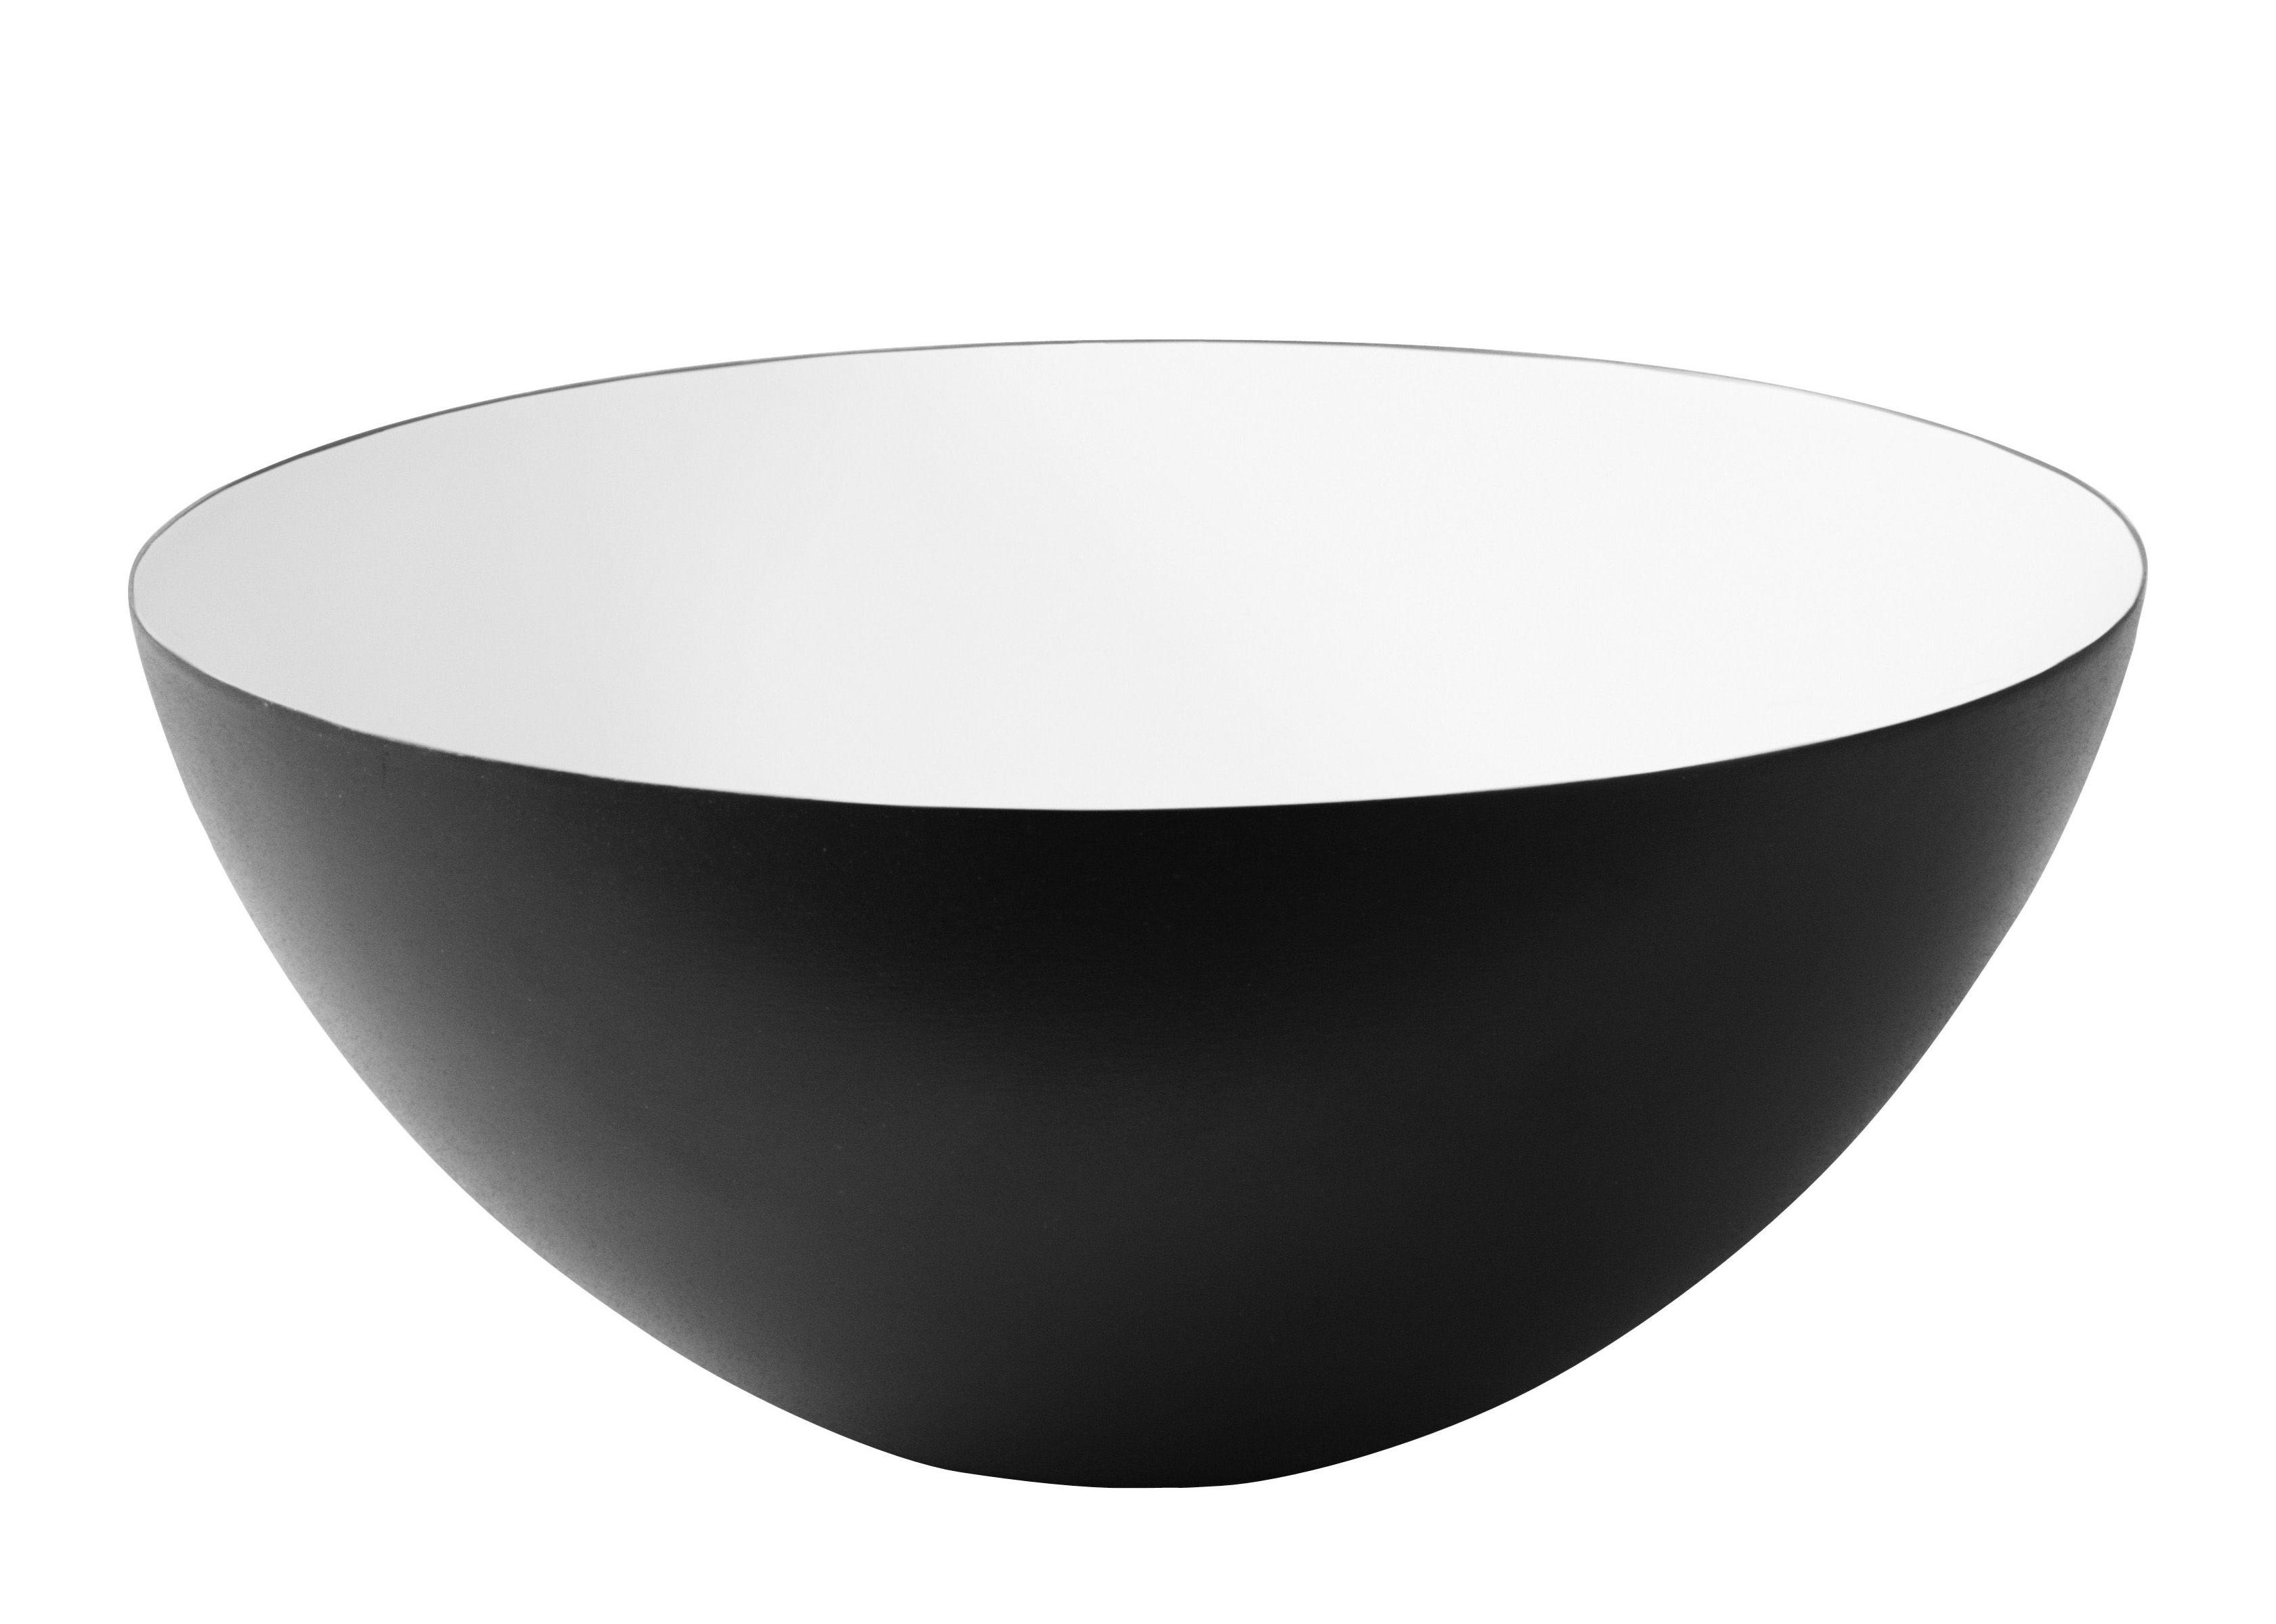 Arts de la table - Saladiers, coupes et bols - Coupelle Krenit / Ø 8,4 x H 4 cm - Acier - Normann Copenhagen - Noir / Intérieur blanc - Acier émaillé